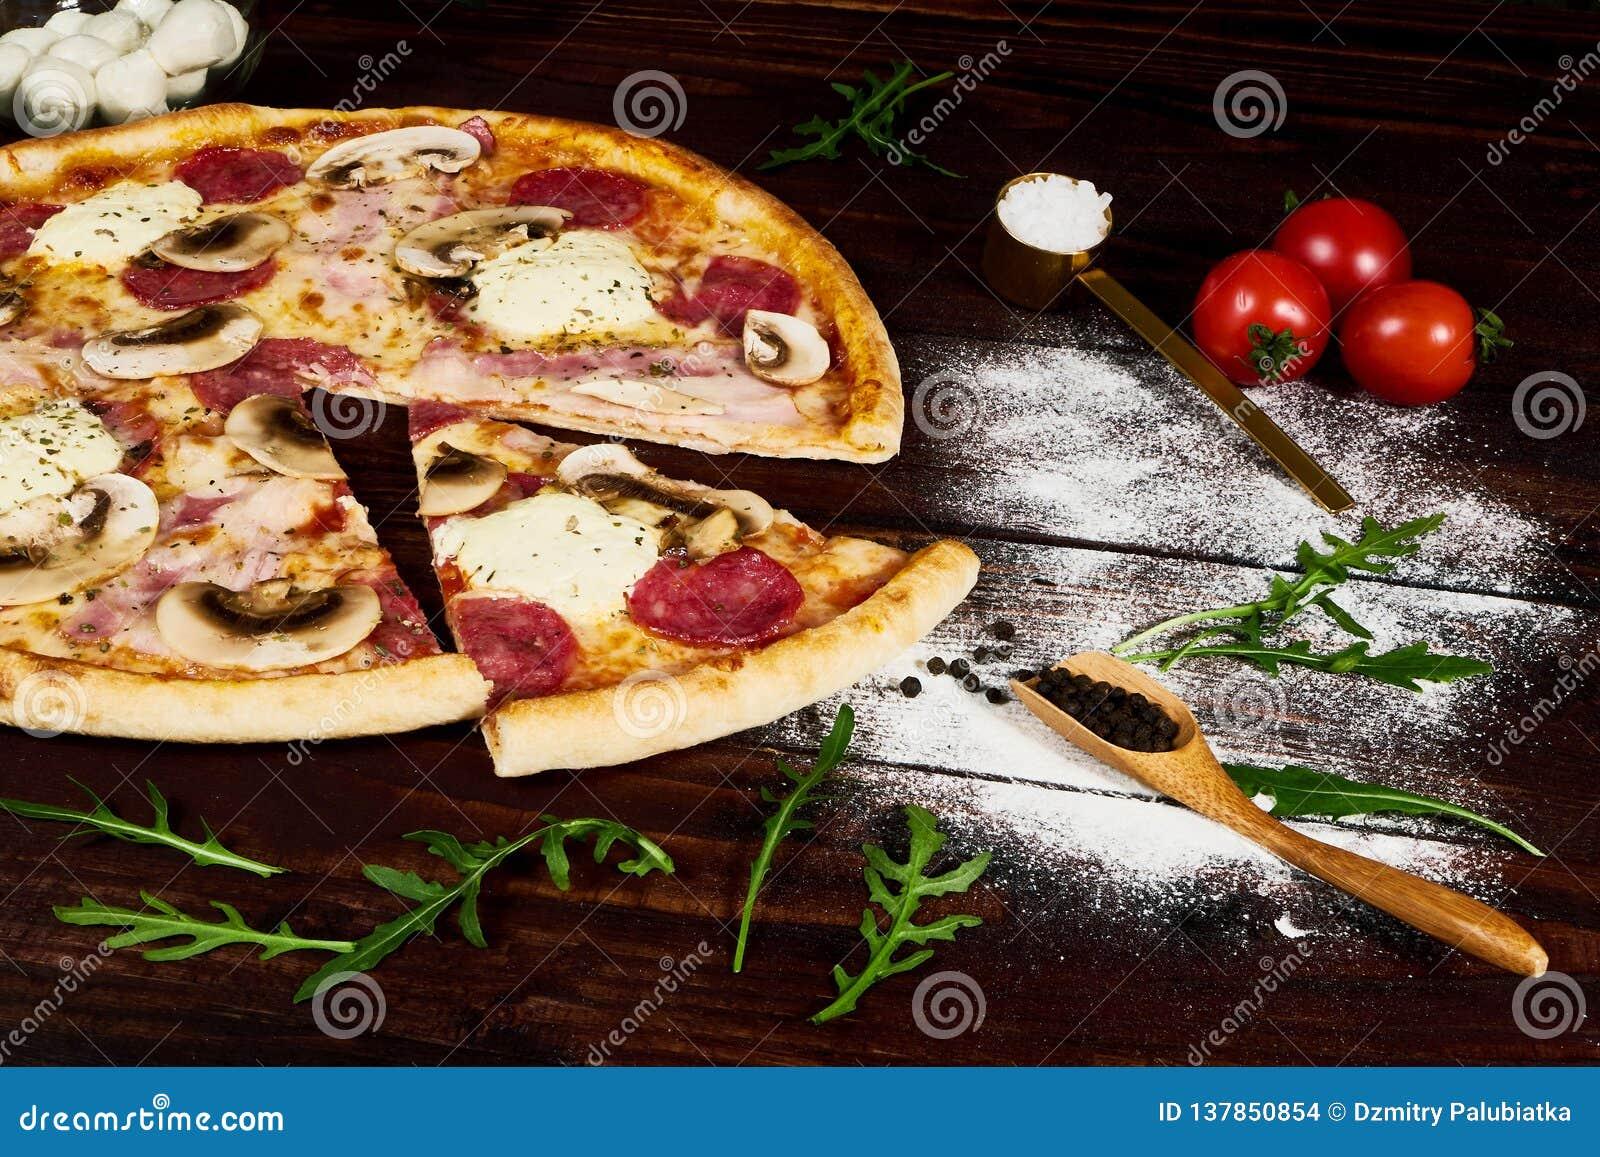 Włoski fast food Wyśmienicie gorąca pizza pokrajać i słuzyć na drewnianym półmisku z składnikami, zamyka w górę widoku Menu fotog